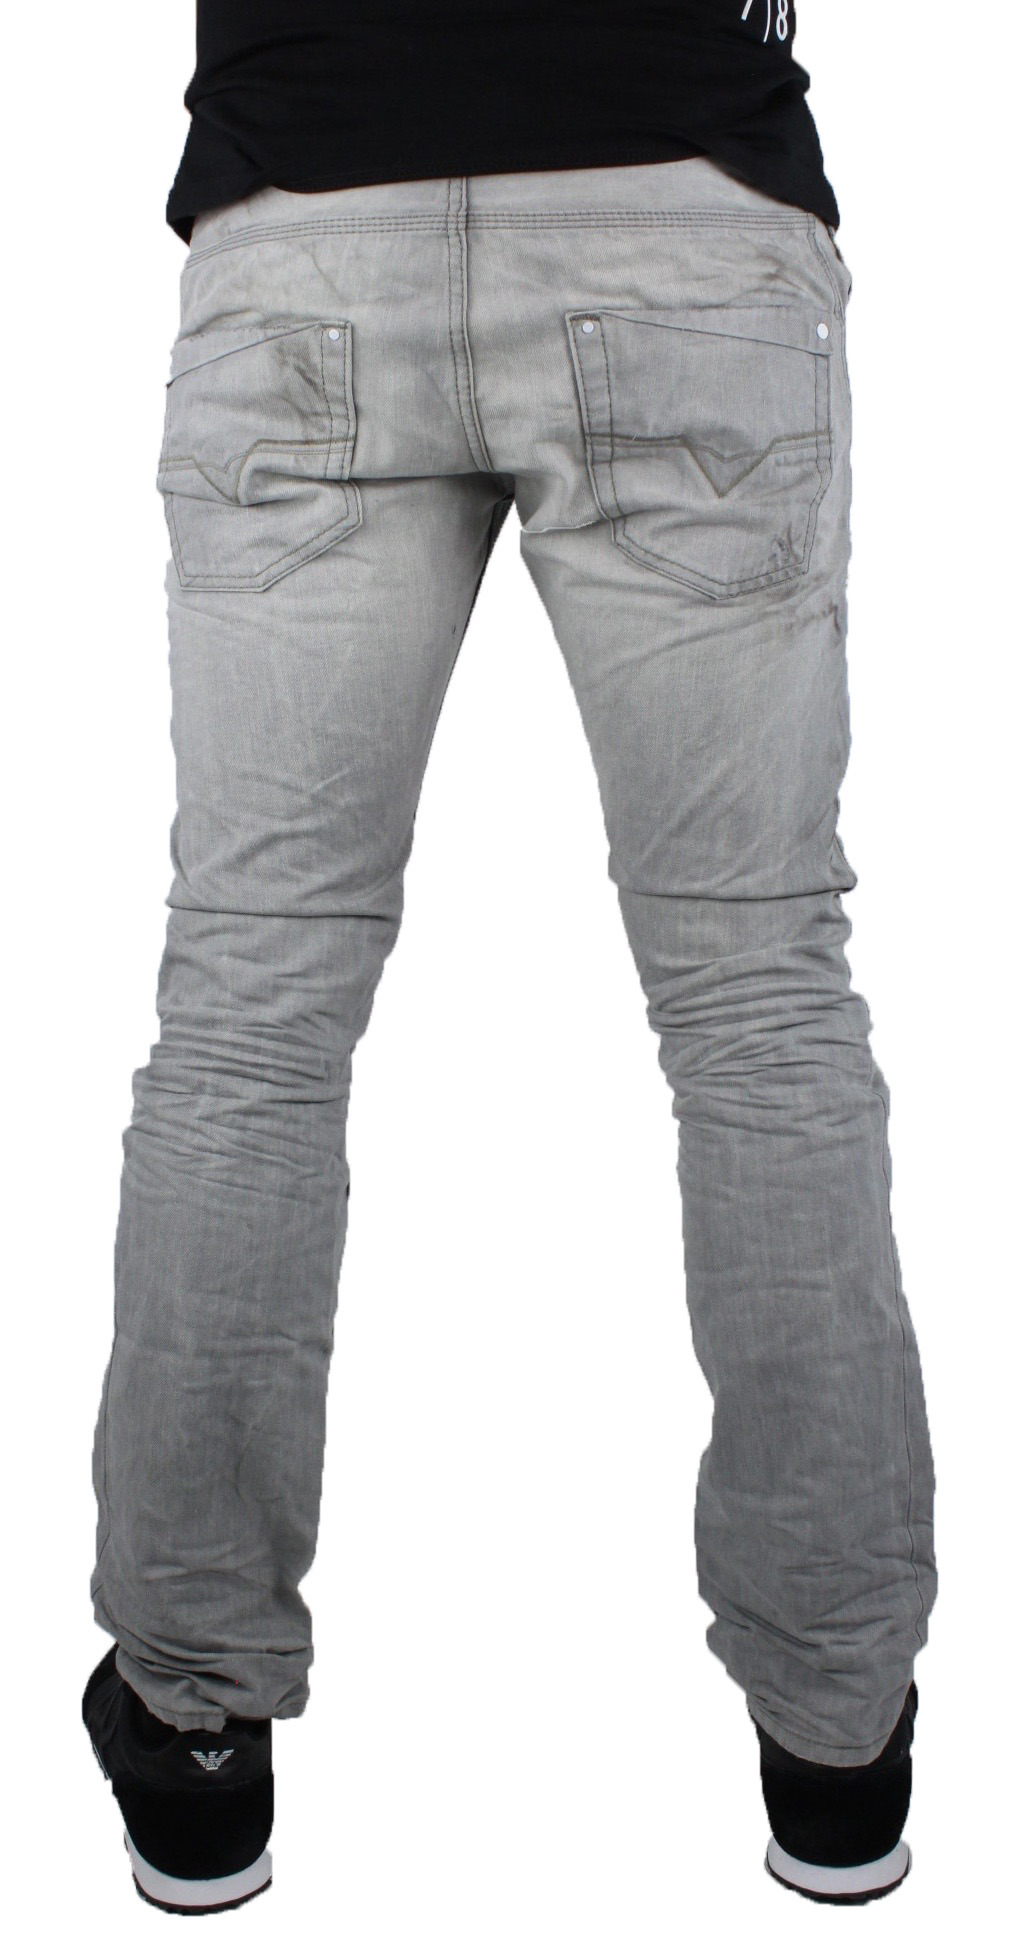 Diesel Krooley 887Q Jeans Grigio 0887Q 0887Q 0887Q Uomo 9c7b9a